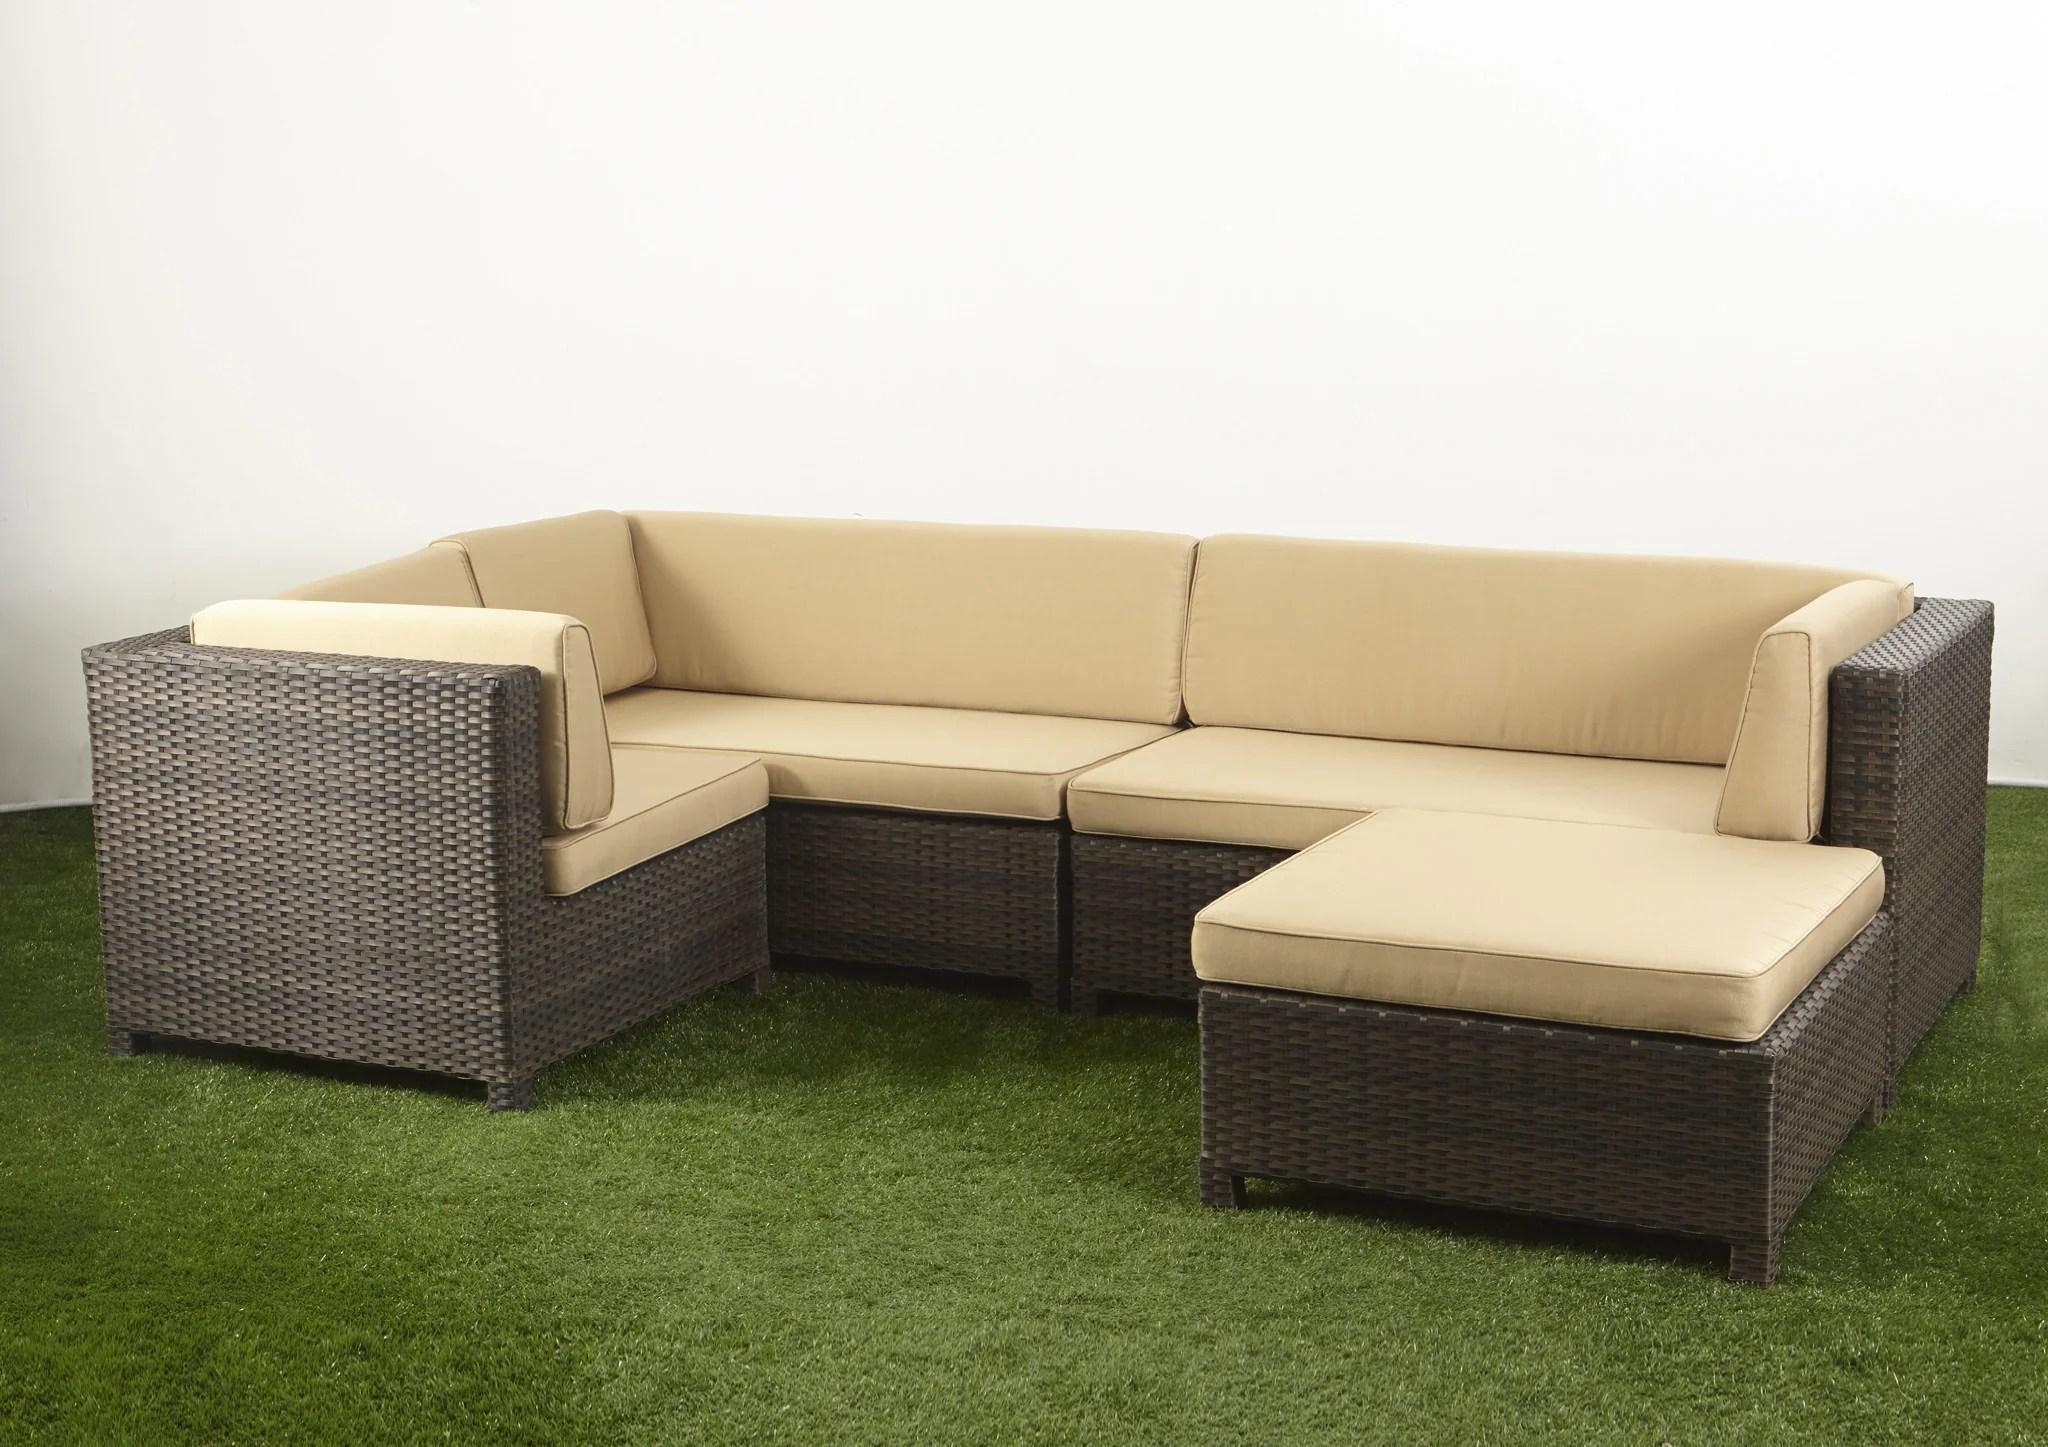 bali sofa lounger gray linen sleeper l shape modular lounge set boulevard outdoor